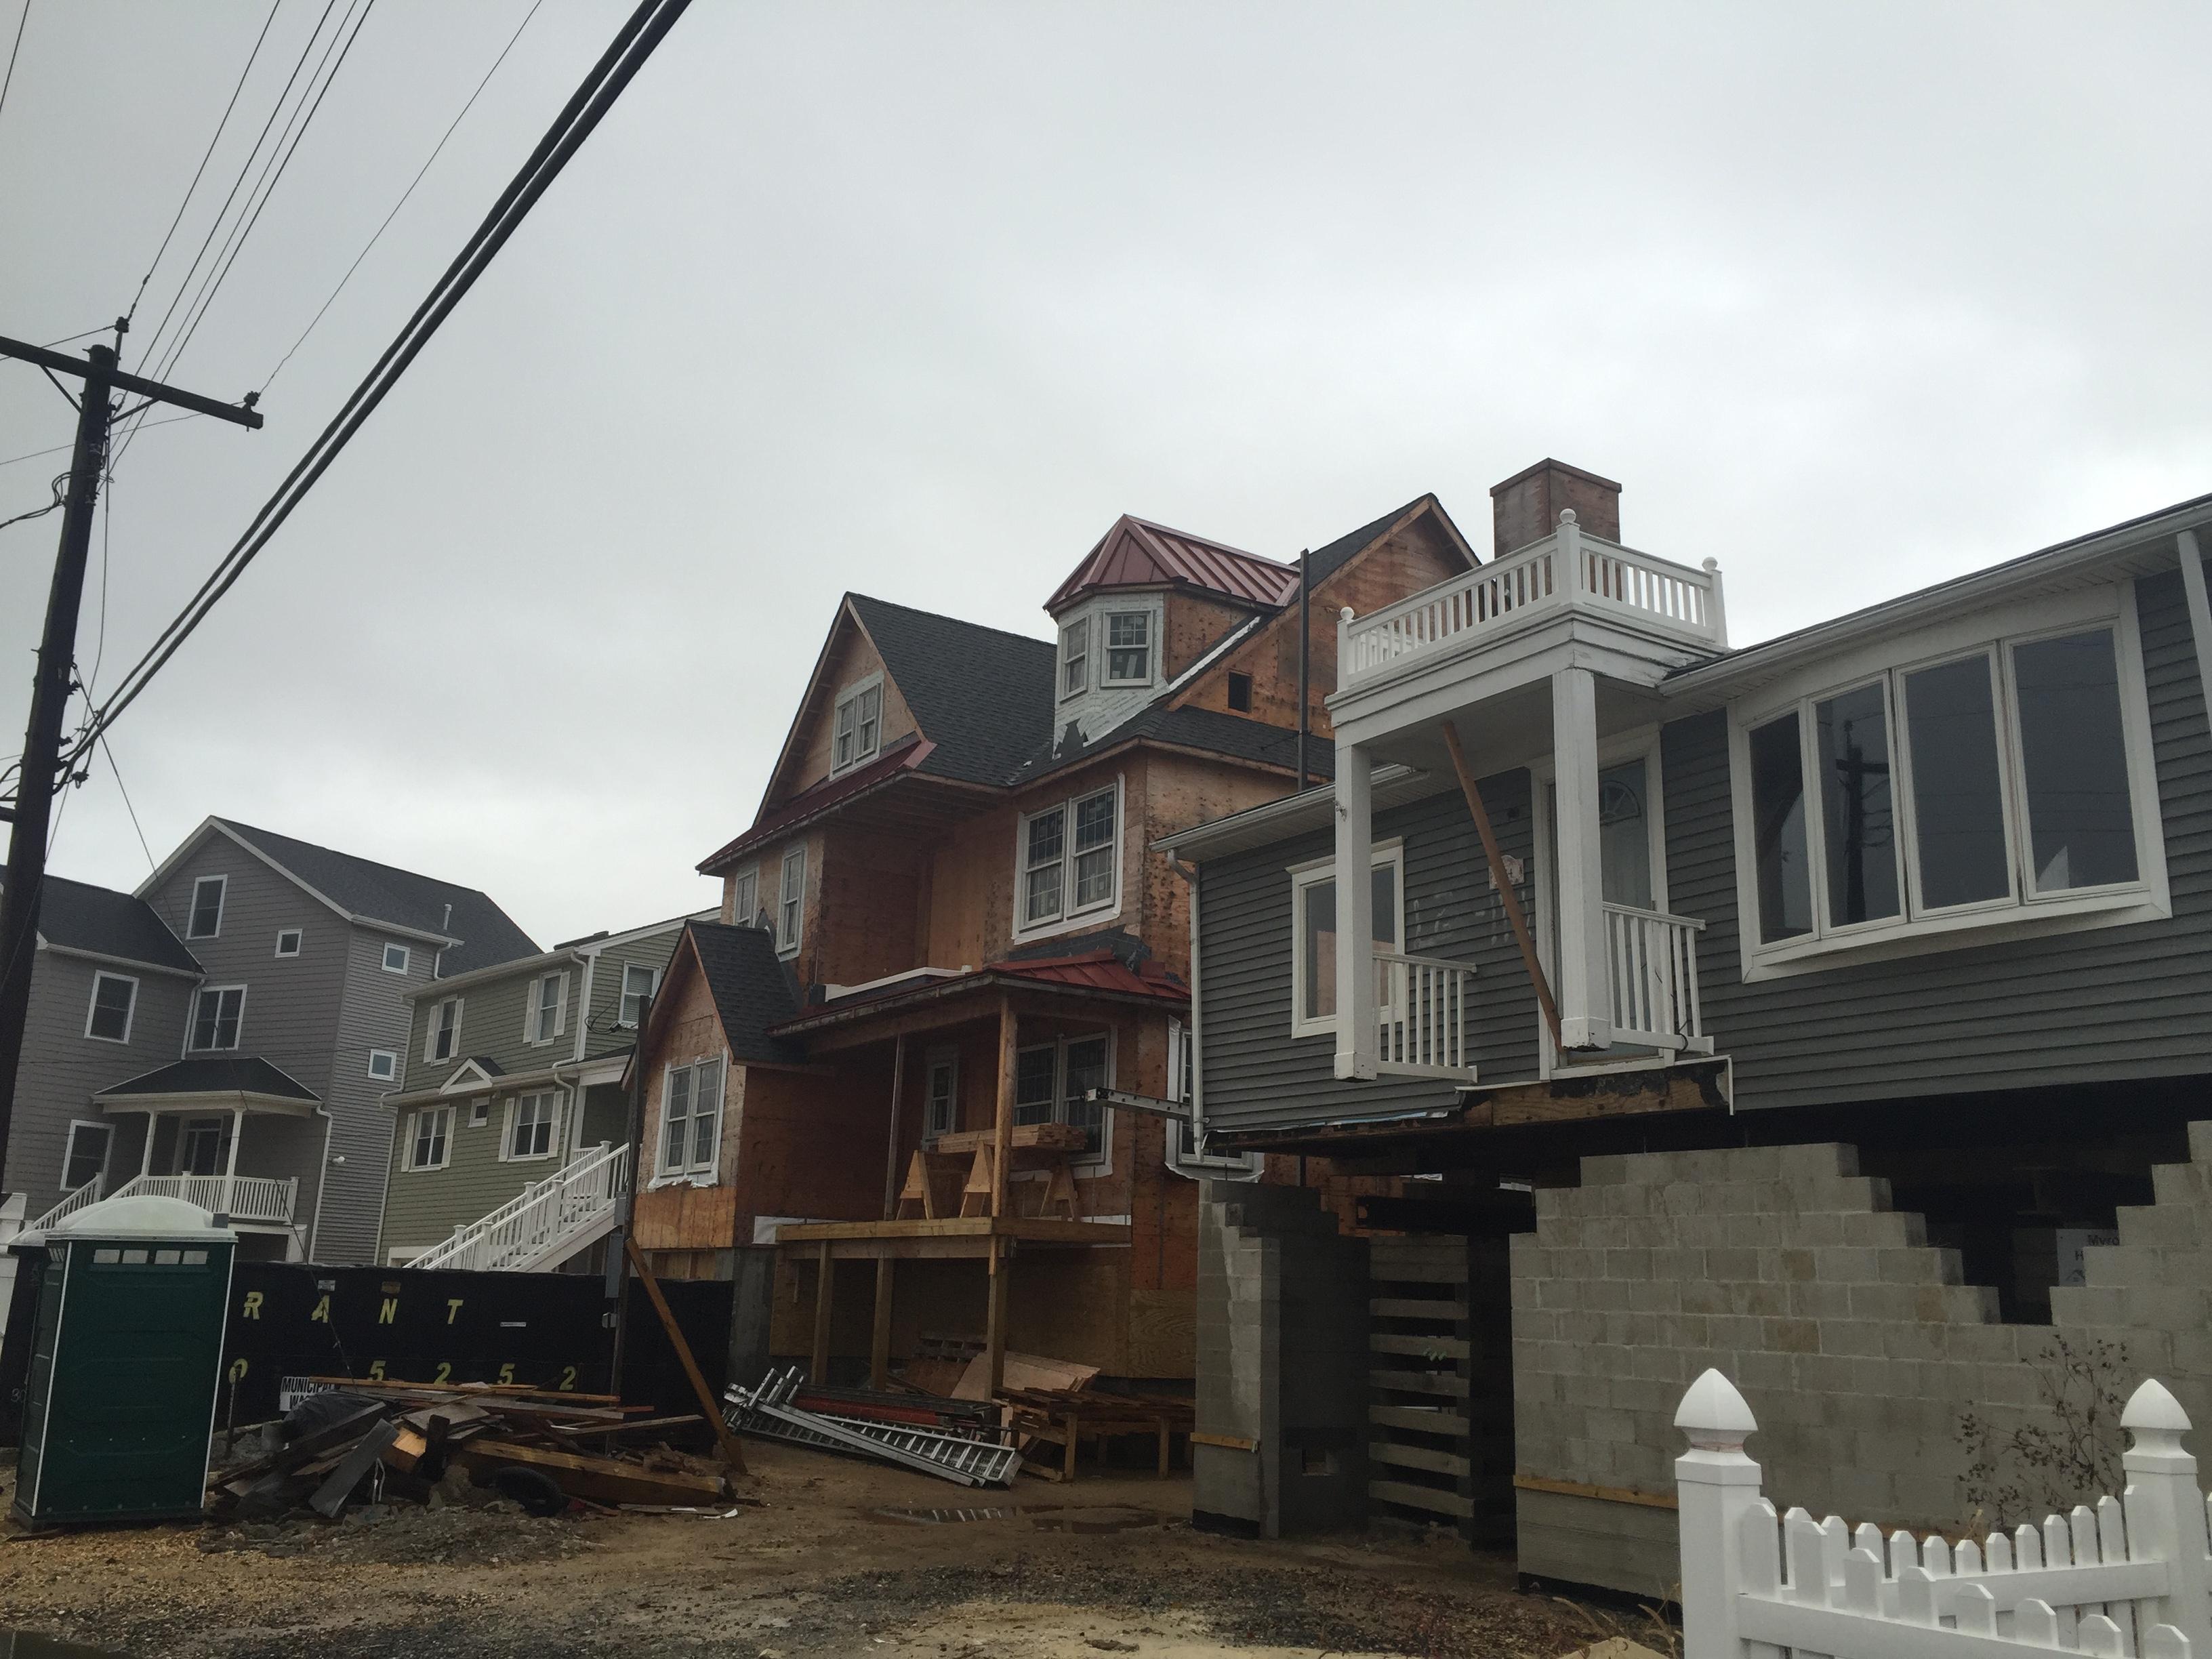 Rebuilding in Brick's Normandy Beach neighborhood, Oct. 28, 2015. (Photo: Daniel Nee)